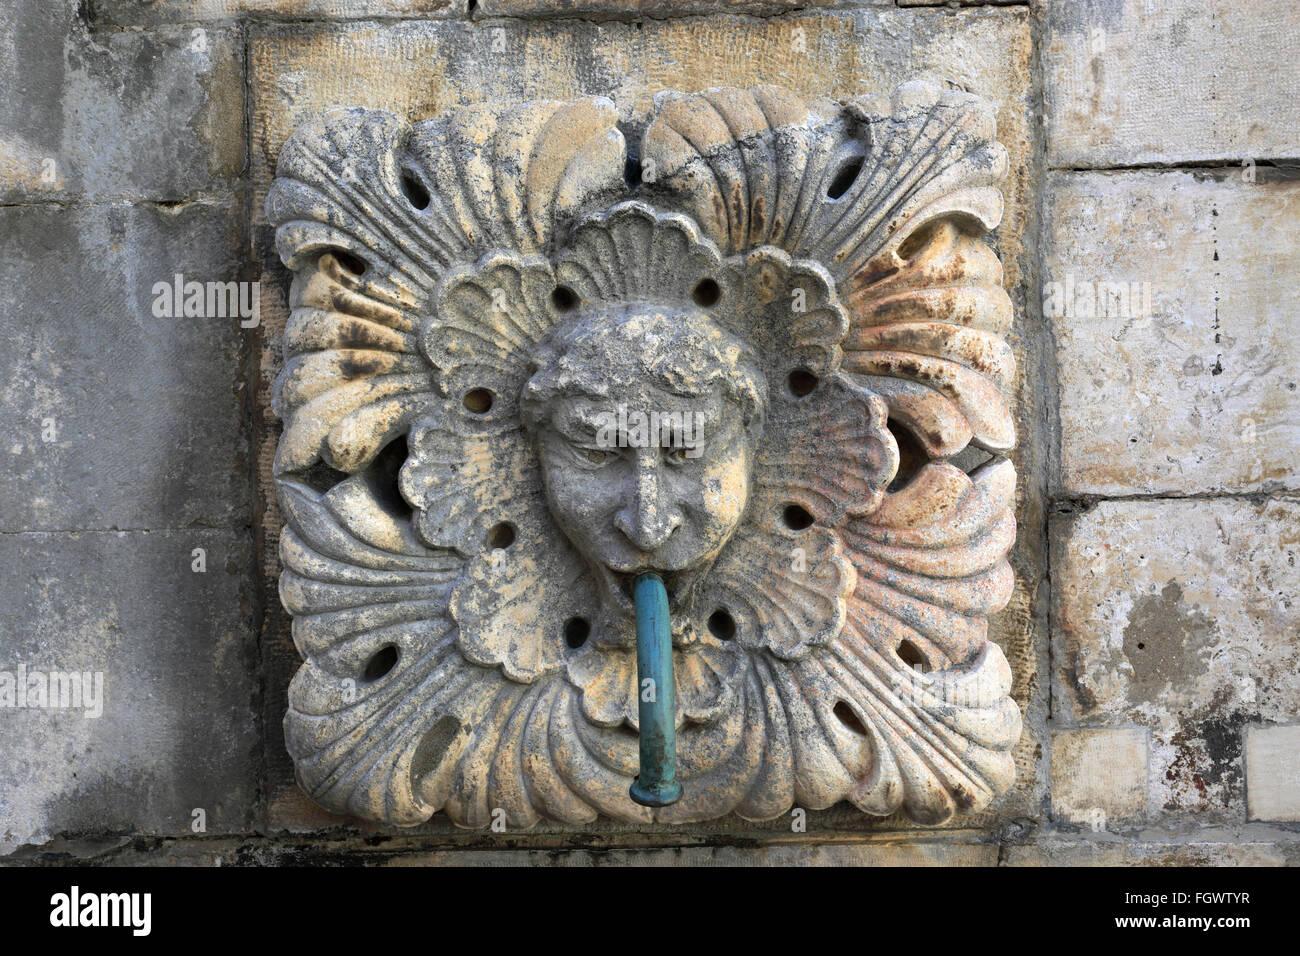 La gran Onofrios Fountain, Main Street, Dubrovnik, del condado de Dubrovnik-Neretva, la costa dálmata, Mar Adriático, Croacia, Balcanes Foto de stock